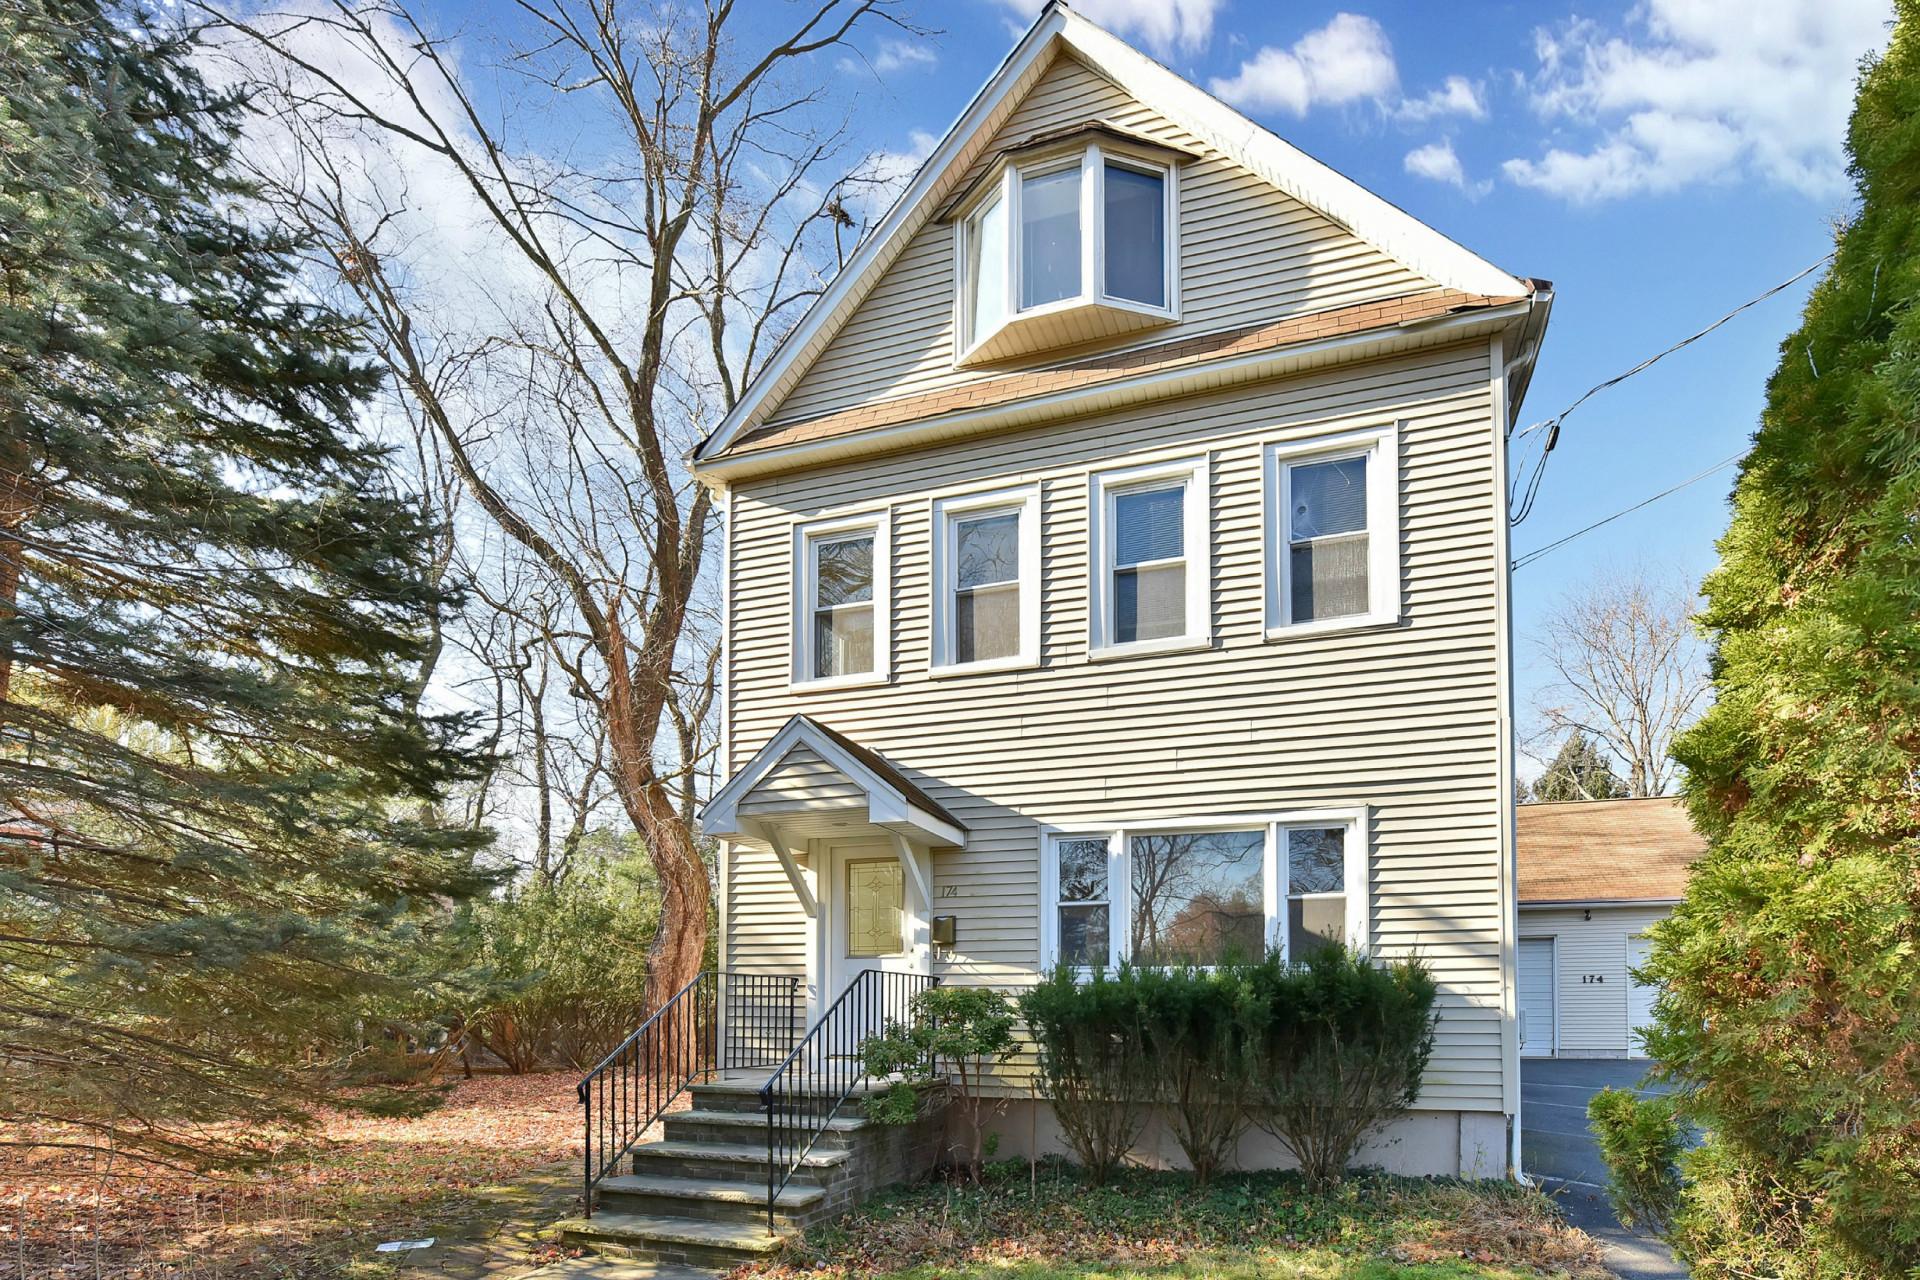 Maison unifamiliale pour l Vente à Great Opportunity 174 Harrington Ave Closter, New Jersey 07624 États-Unis